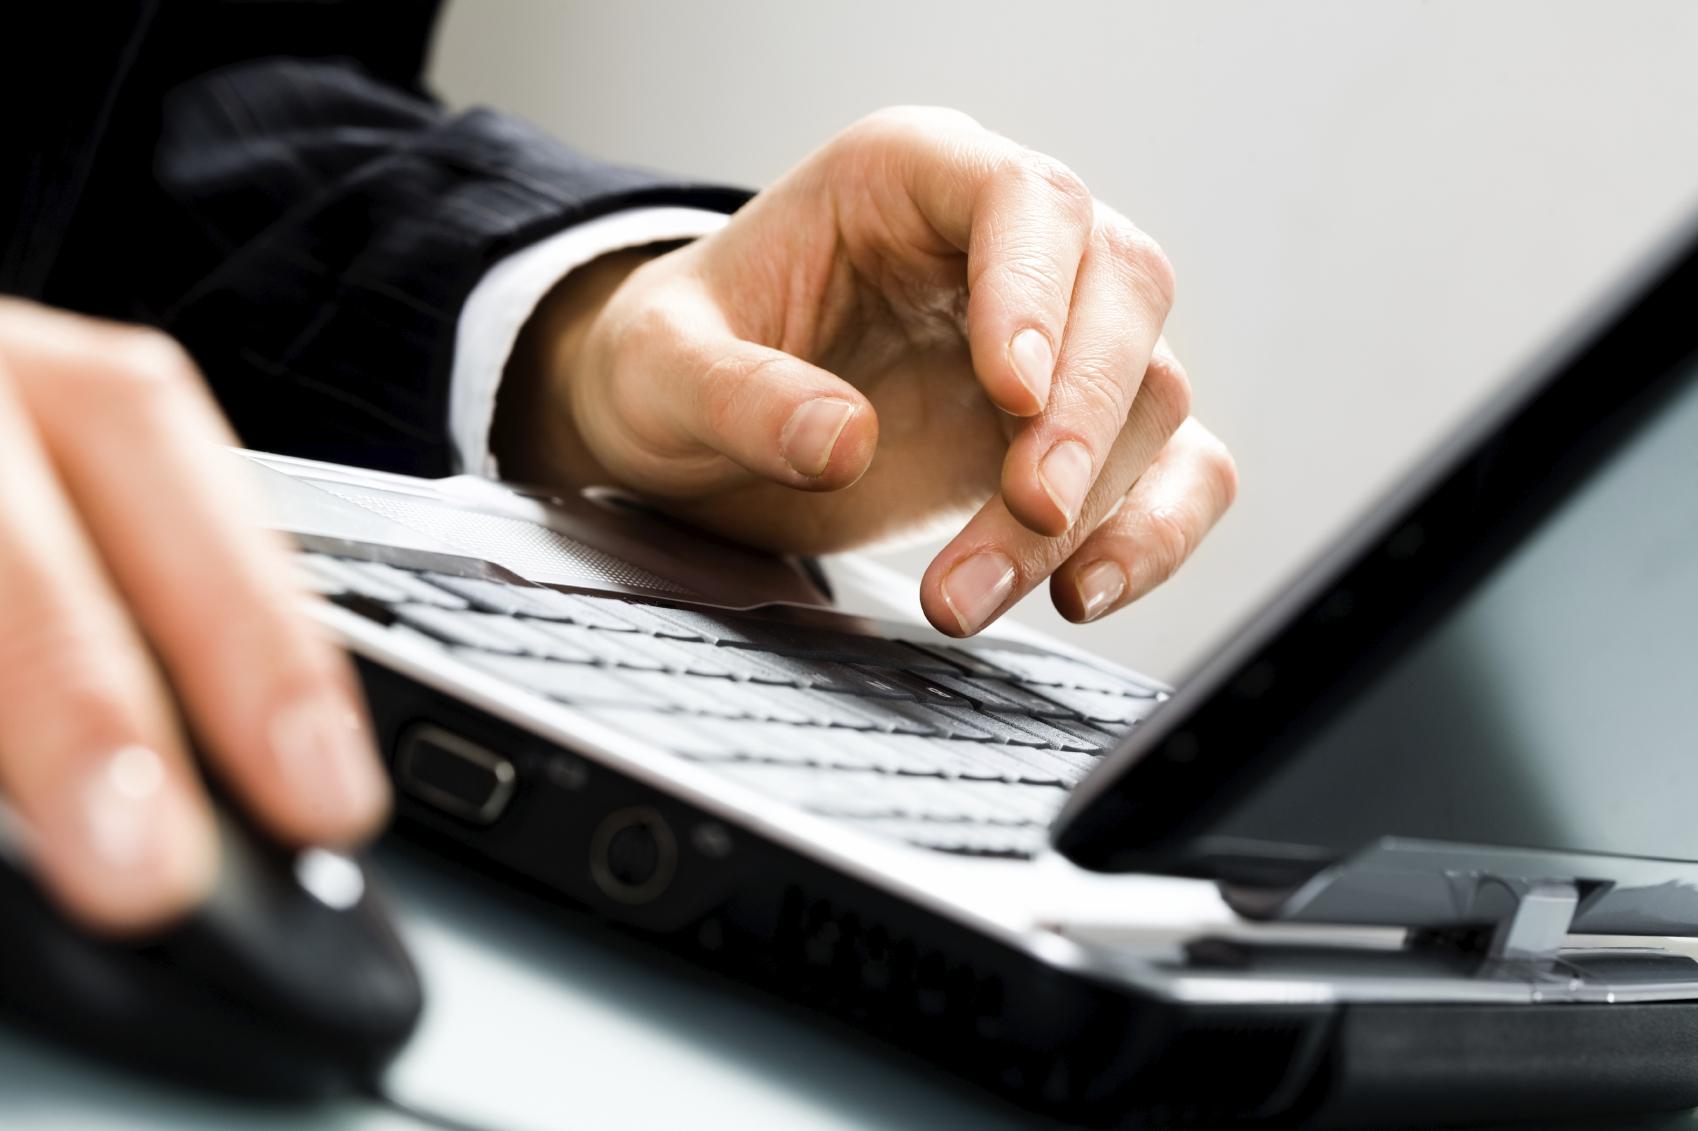 laptopwindows Bonton za početnike: Ponašanje na poslu